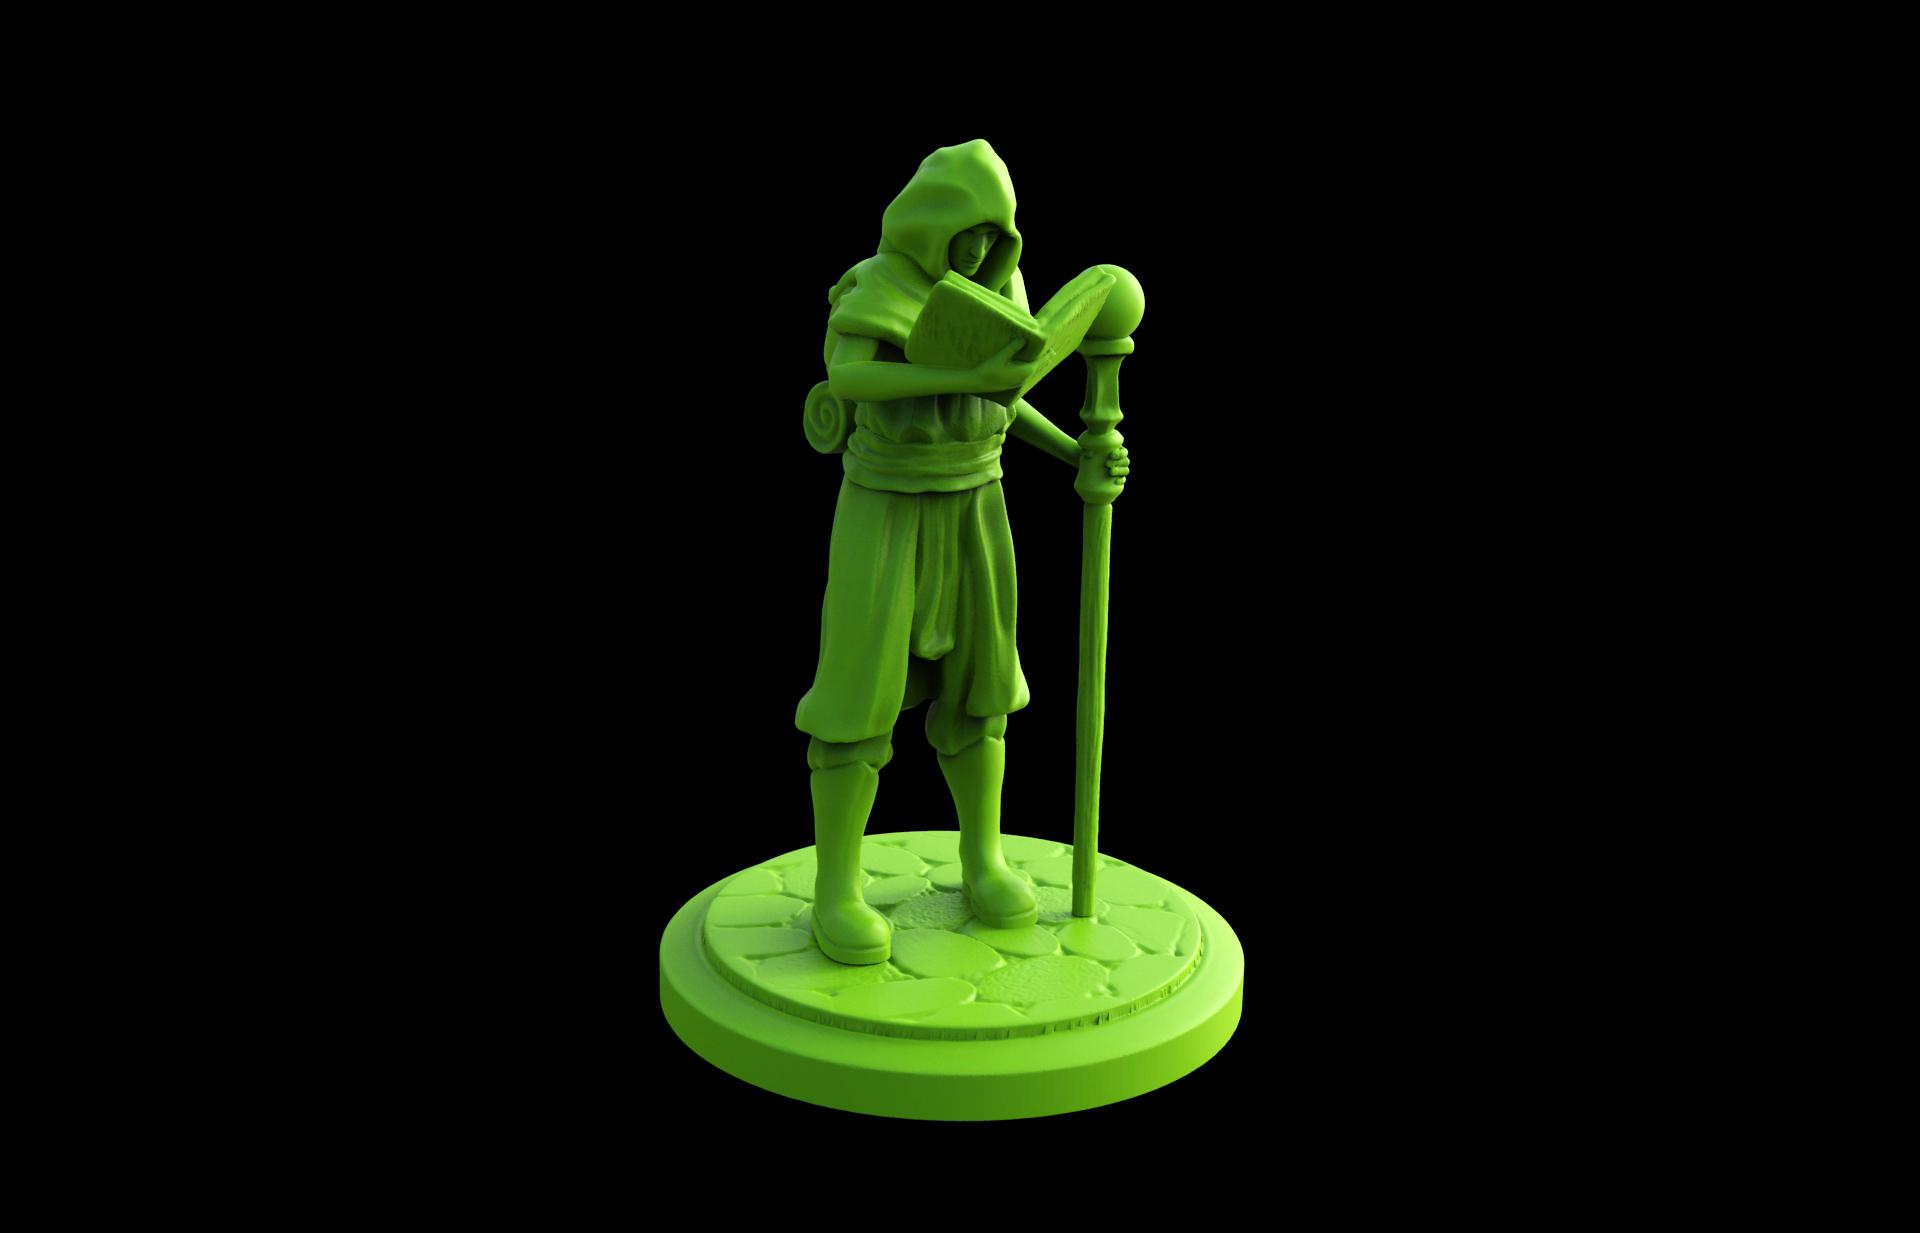 3d-printable-Wizard-Apprentice-miniature-front-view.jpg Download STL file Wizard Apprentice Miniature • 3D printer design, Nello